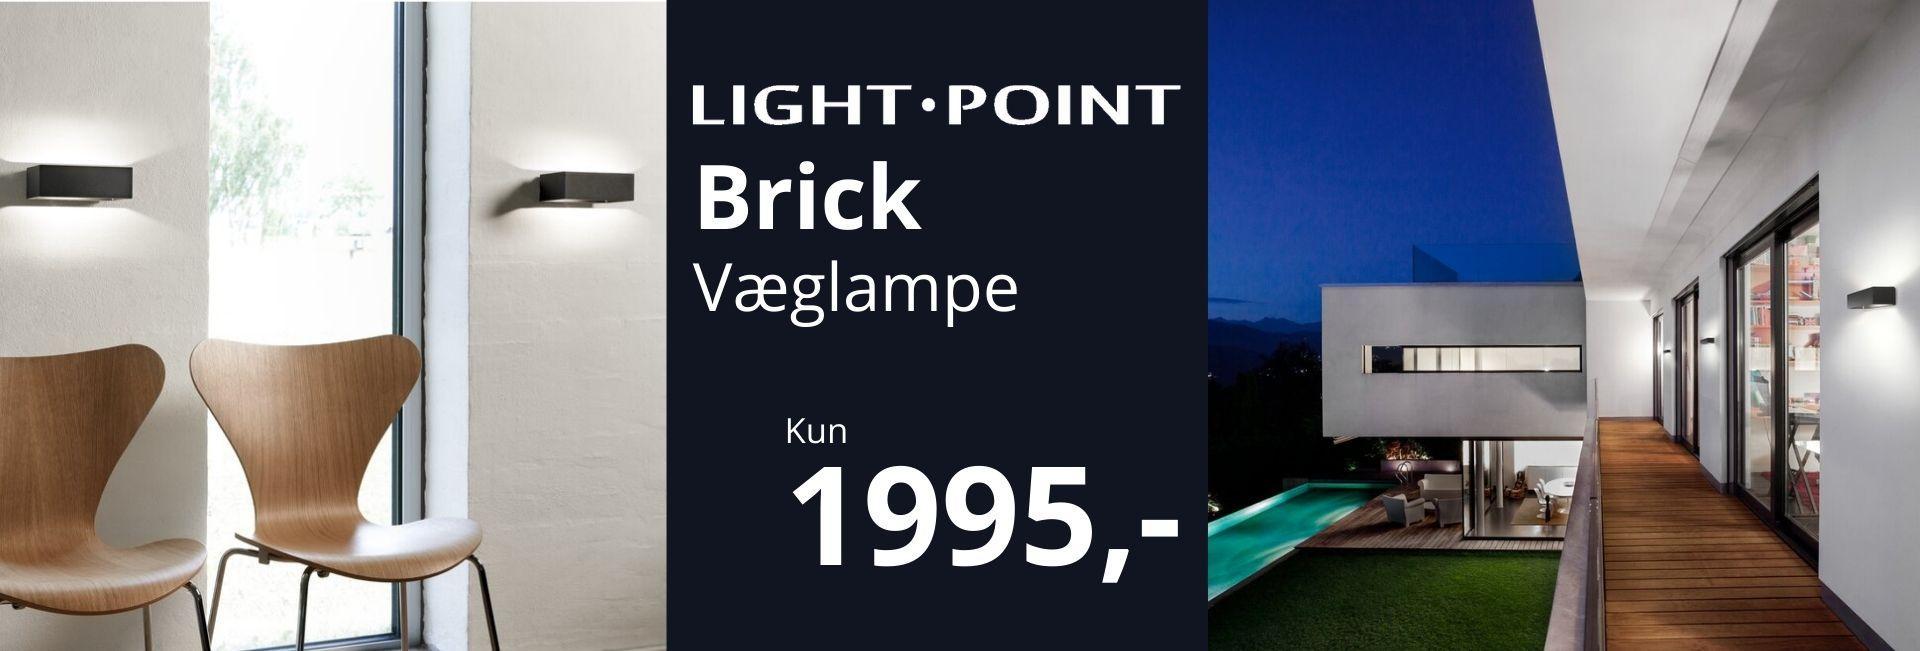 Light-Point Brick Tilbud